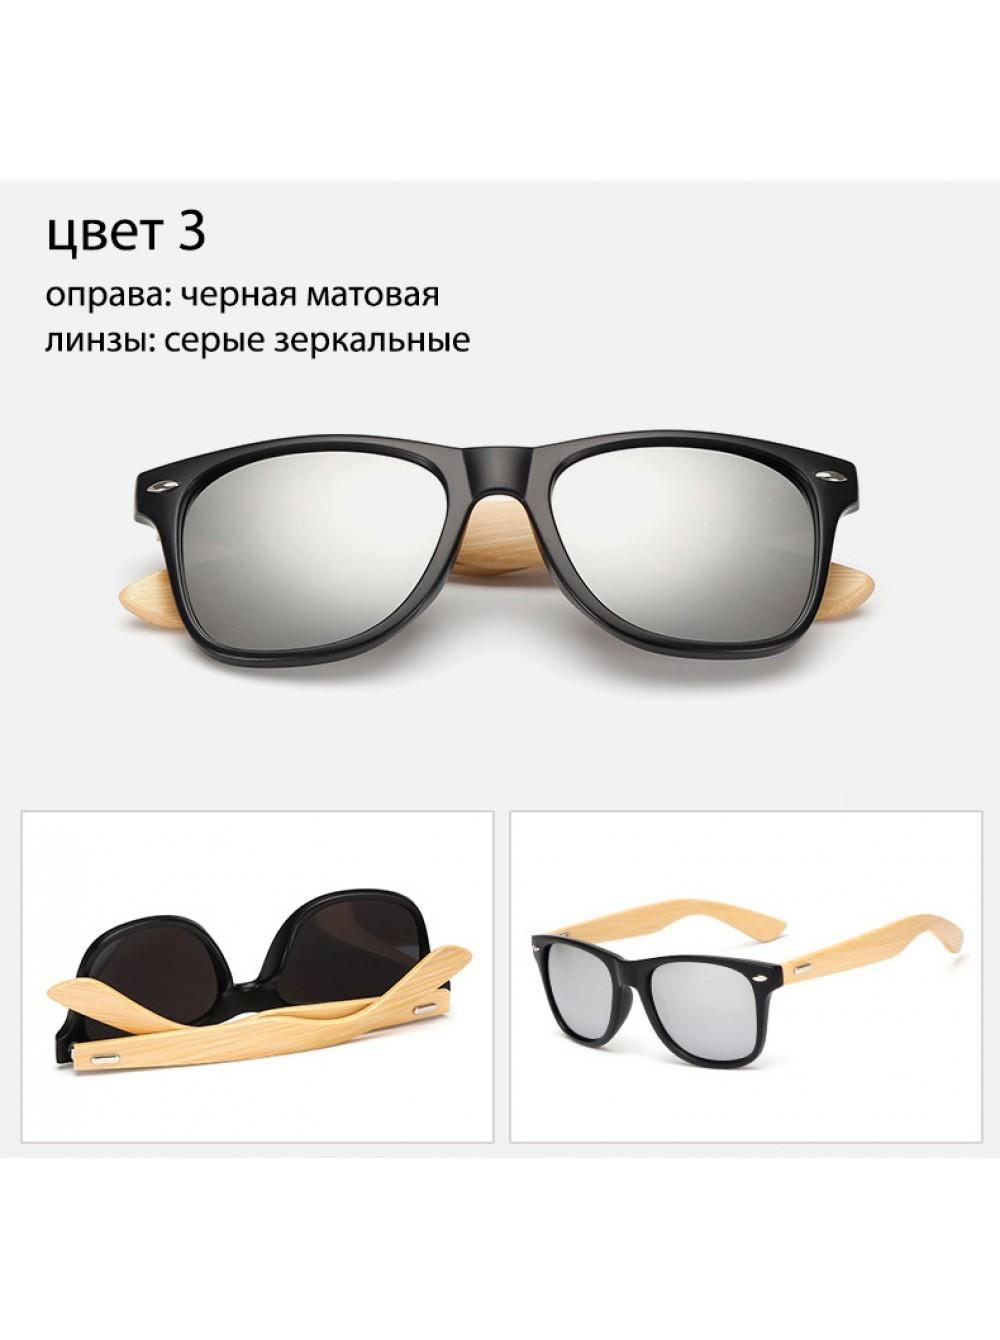 Солнцезащитные очки Ray-Ban WAYFARER Вайфареры с деревянными дужками 9b1452d64c9